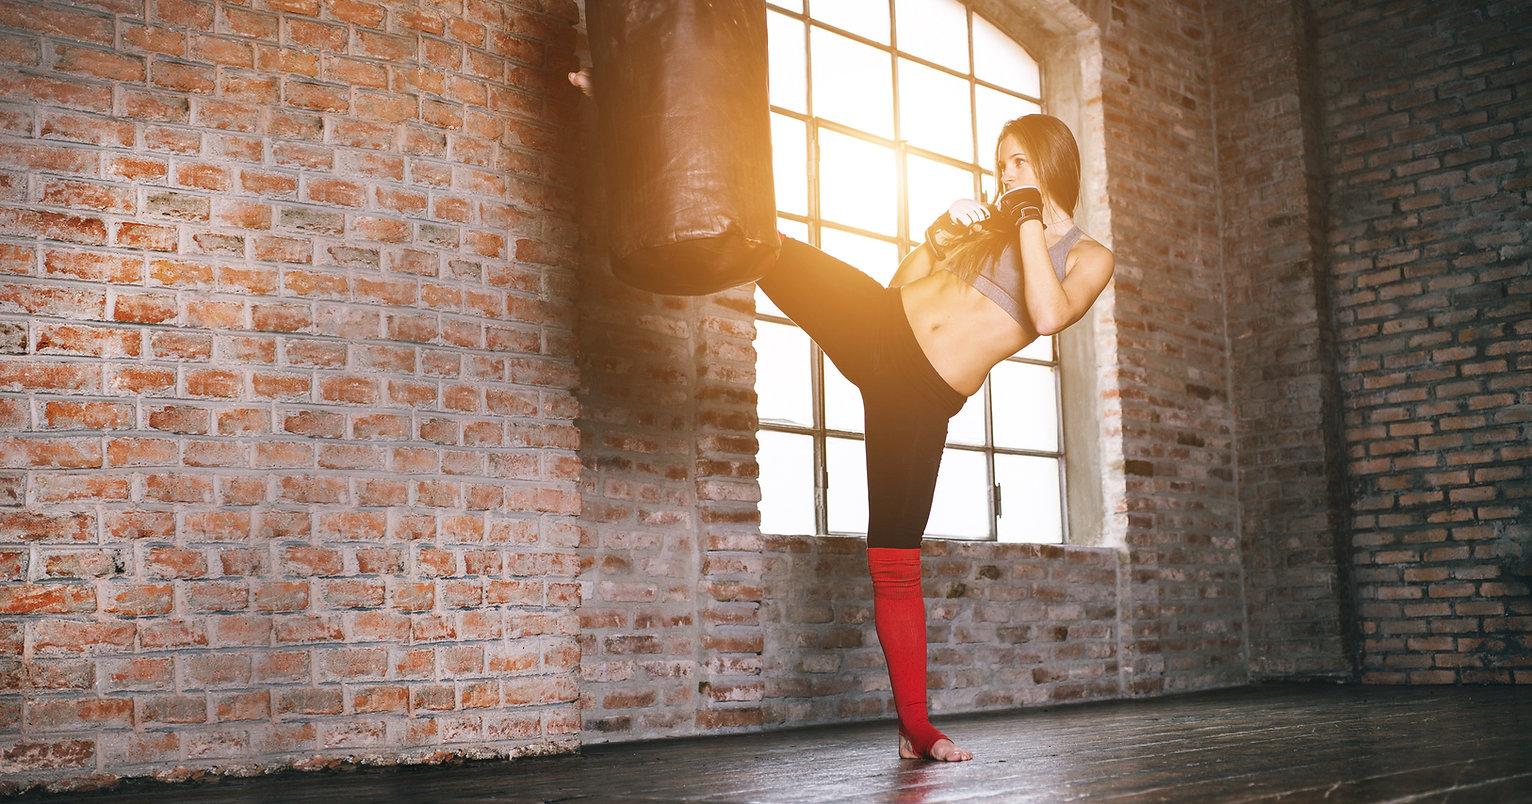 Ladies Only Muay Thai Classes - Corefit UK, Sutton Coldfield